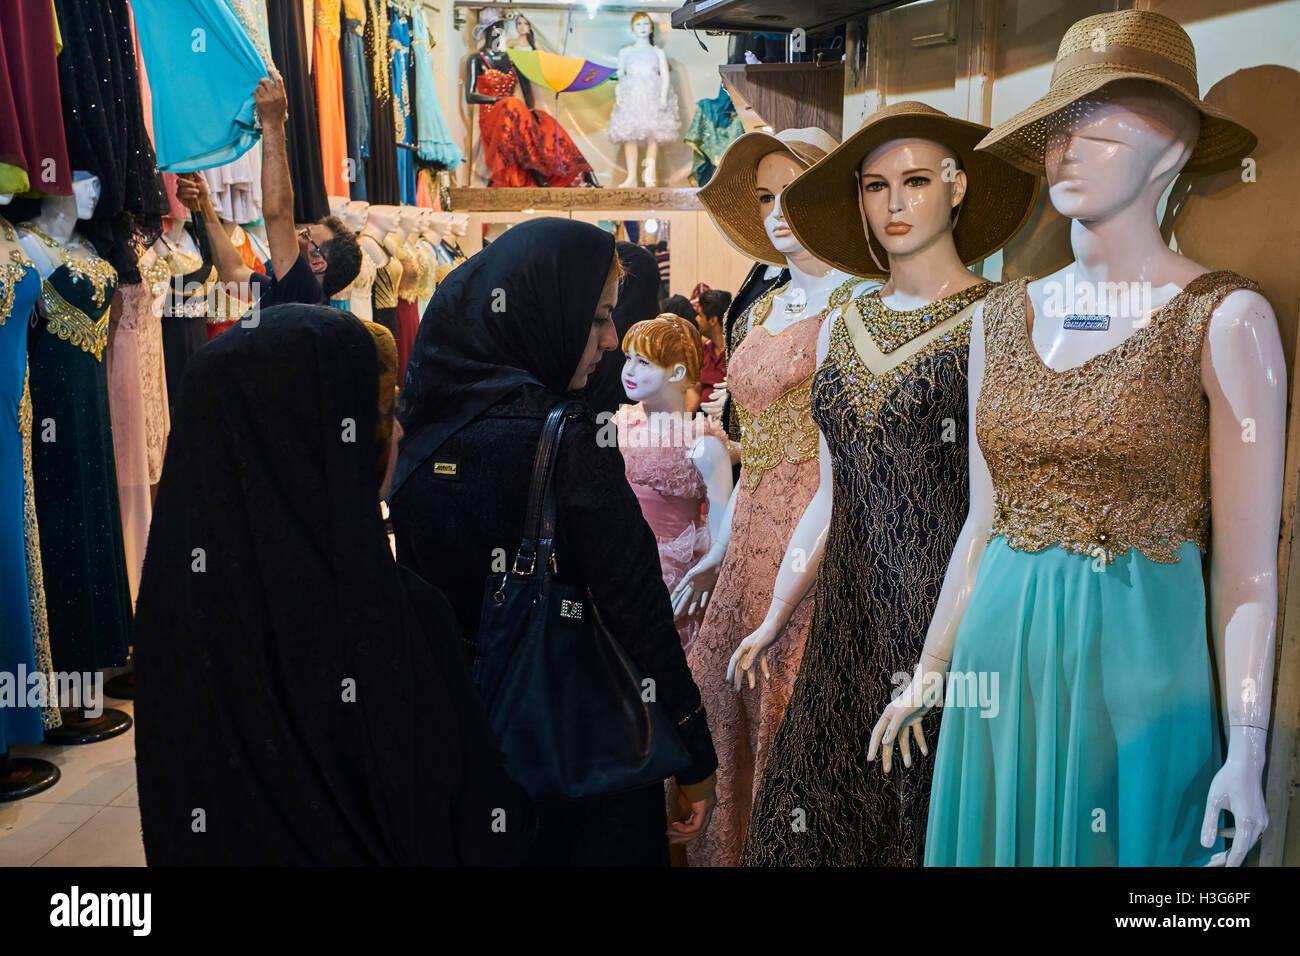 faf751fb059b Isfahan Bazar Stock Photos   Isfahan Bazar Stock Images - Alamy